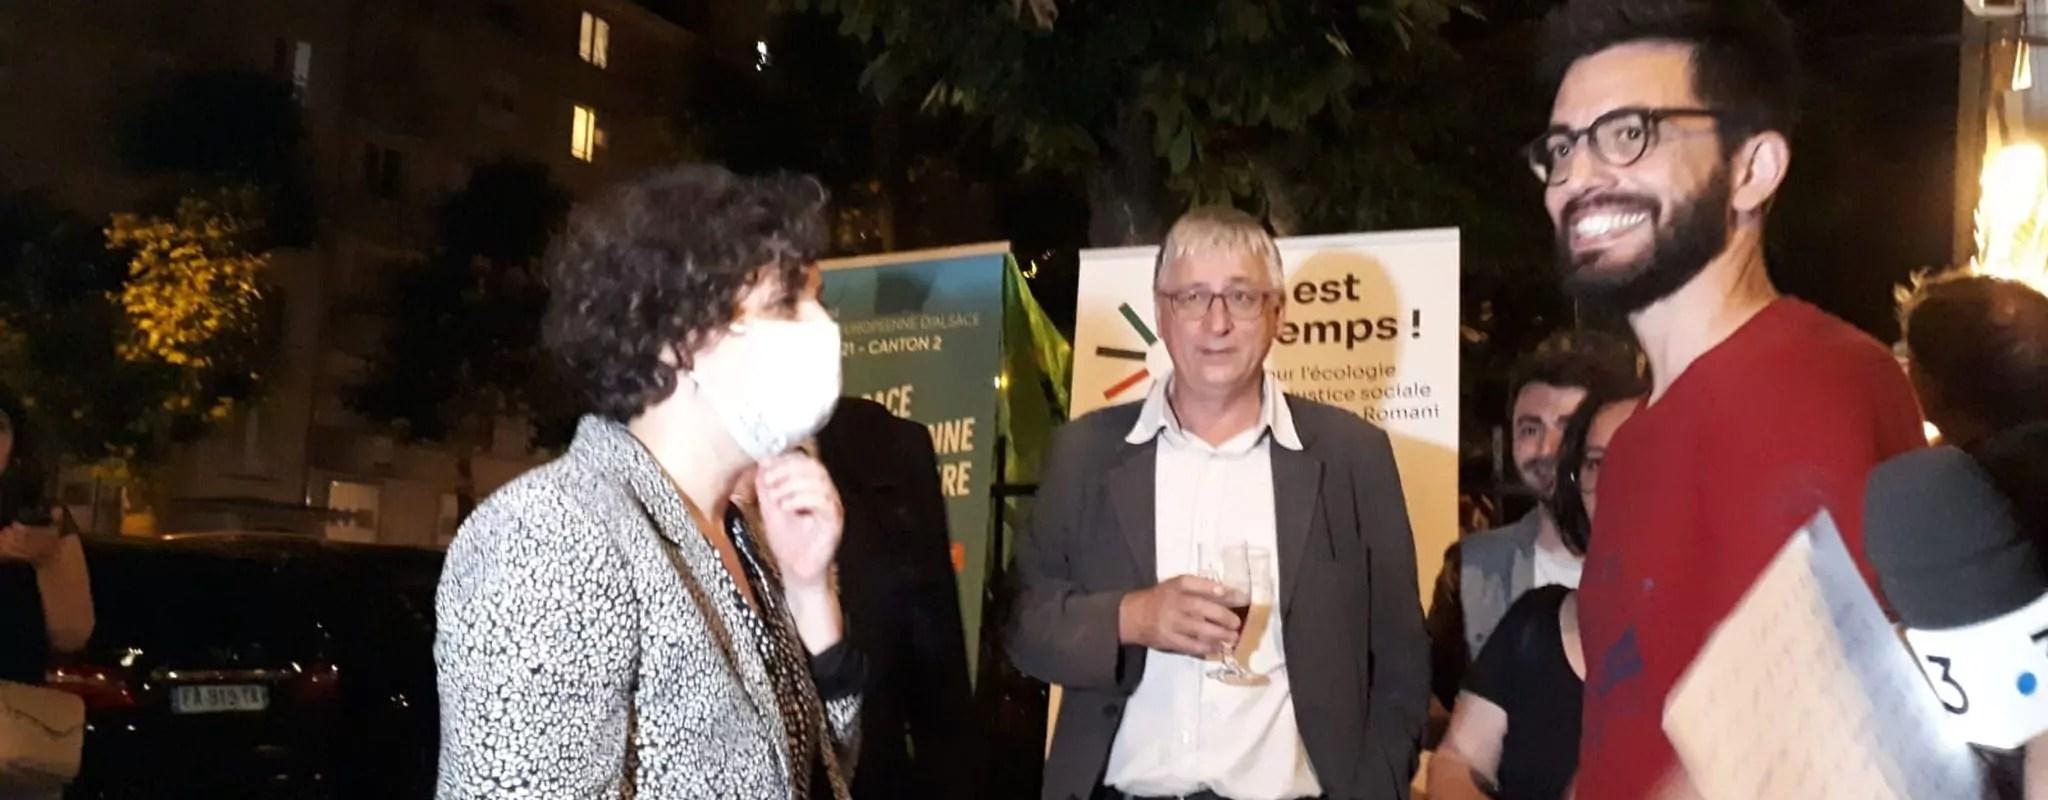 Départementales à Strasbourg: les écolos bousculent les Socialistes, pas la droite